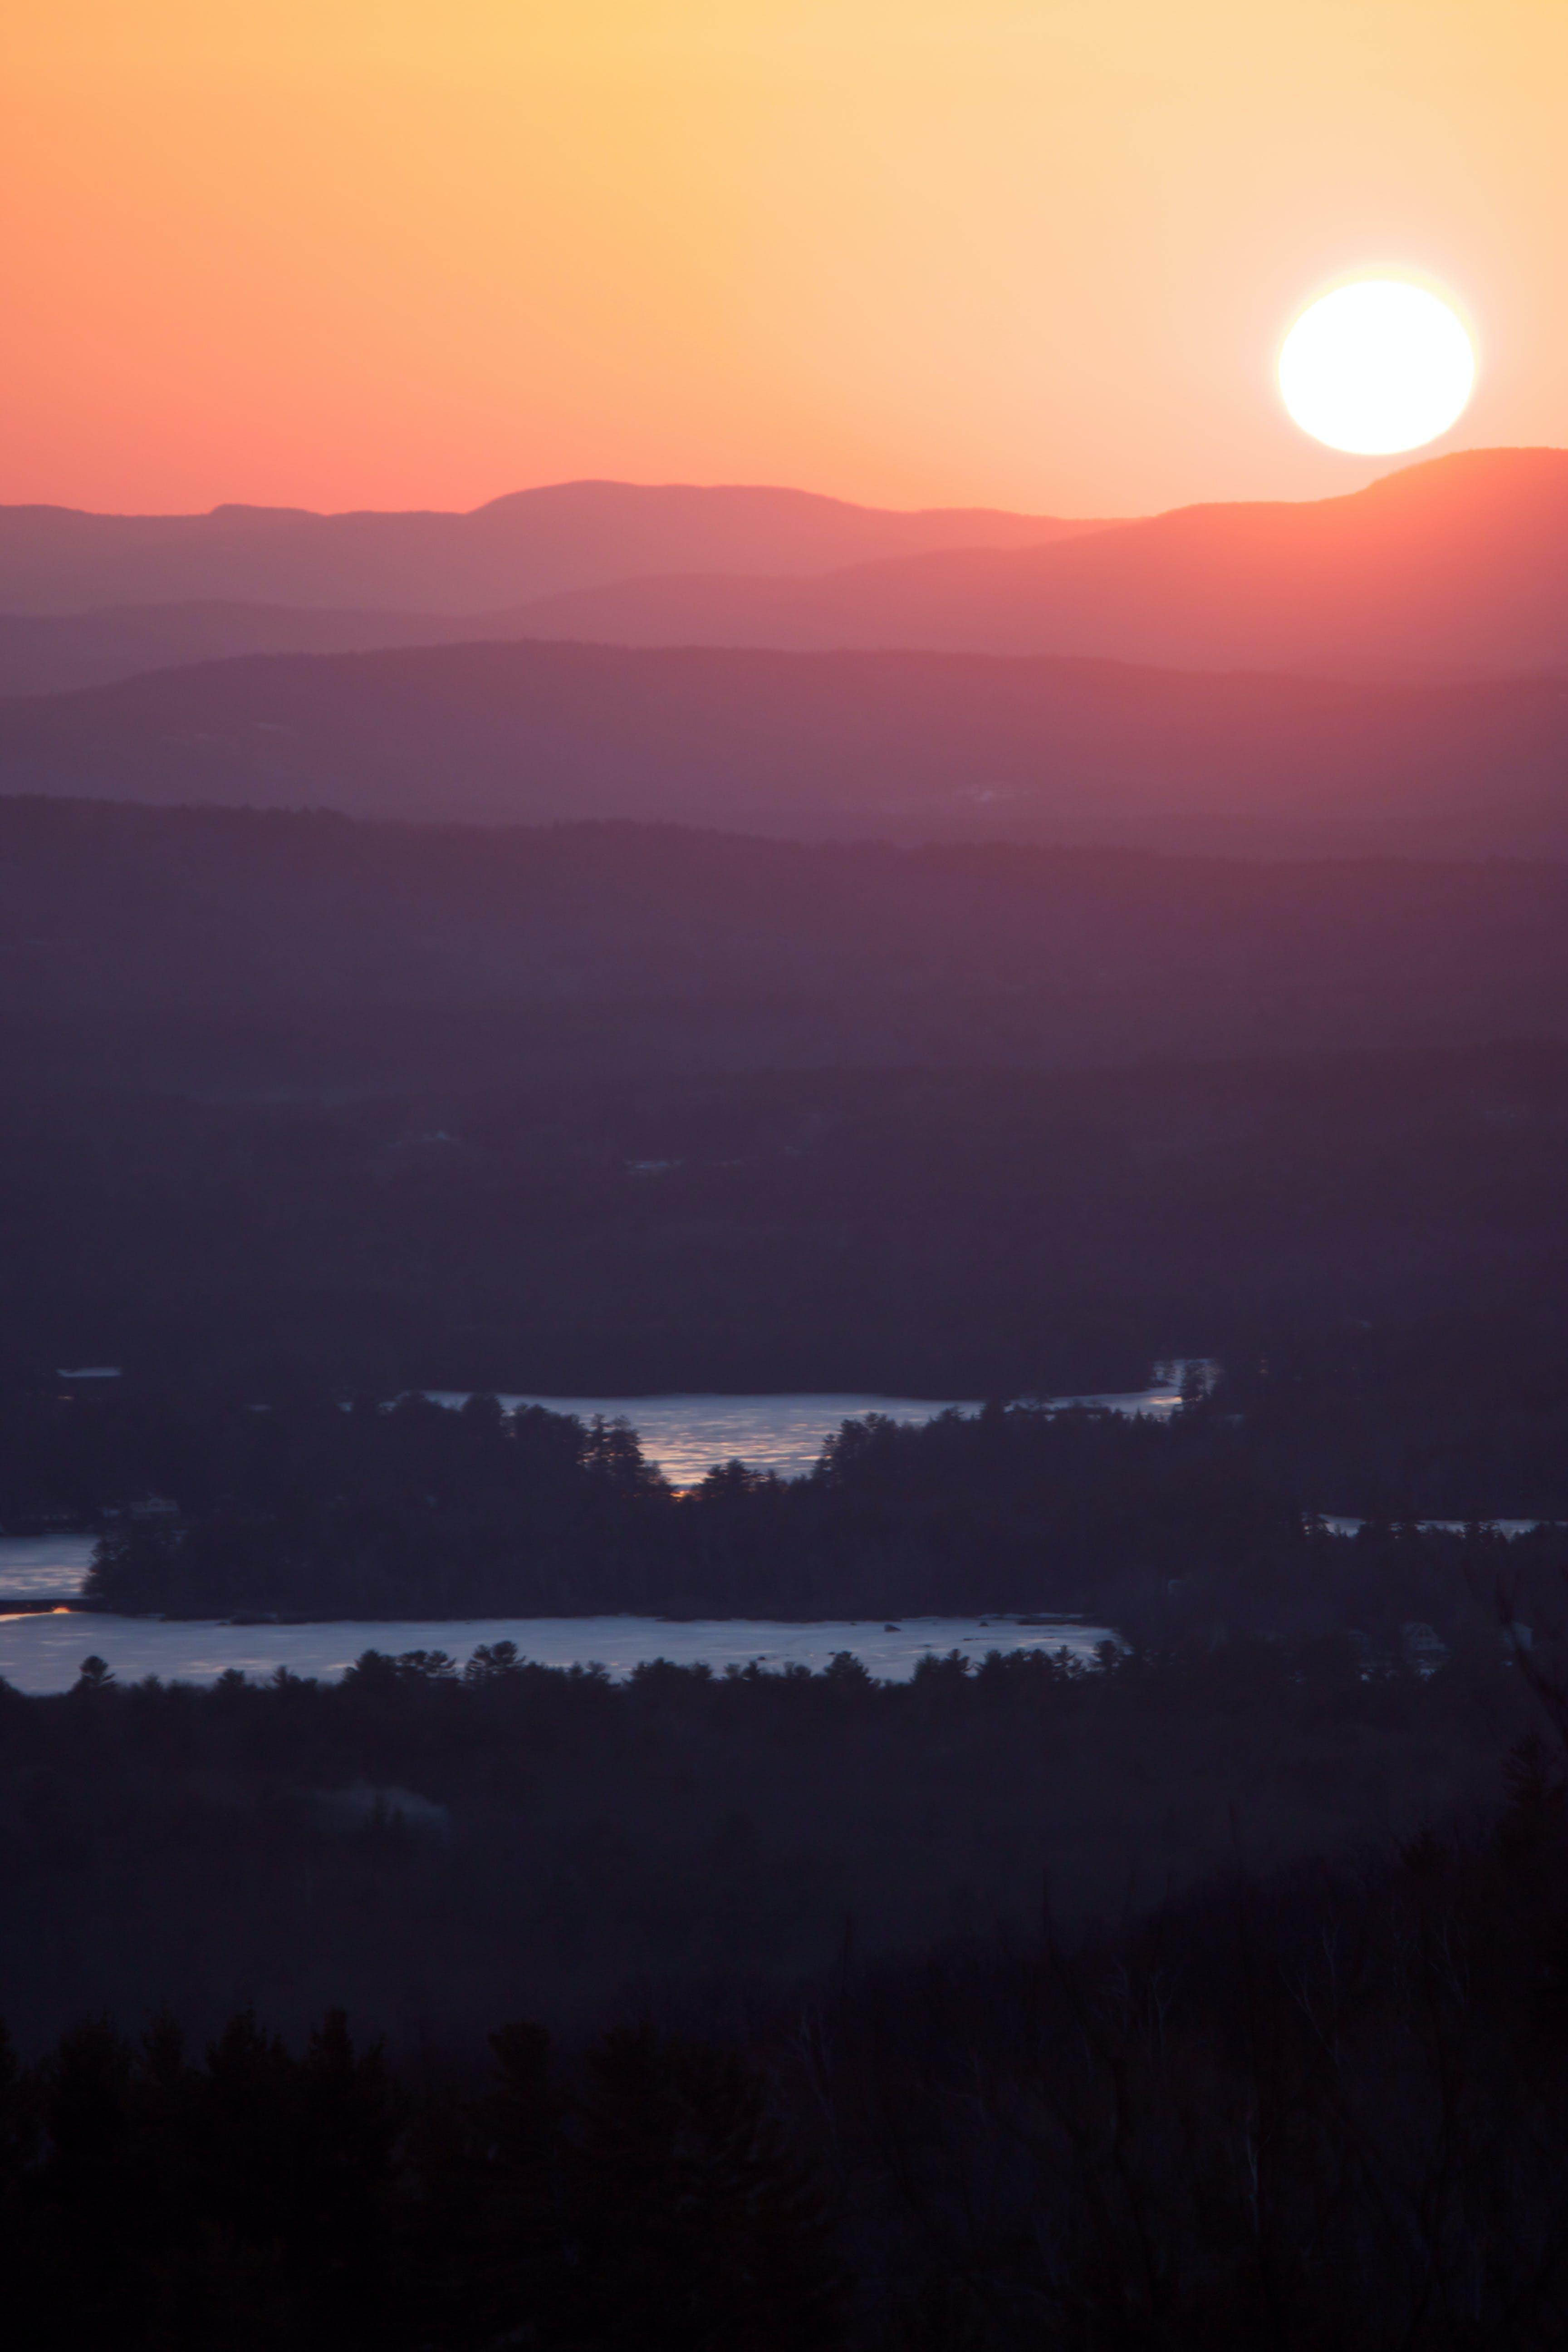 คลังภาพถ่ายฟรี ของ ตะวันลับฟ้า, พระอาทิตย์ขึ้น, พลบค่ำ, ภูเขา